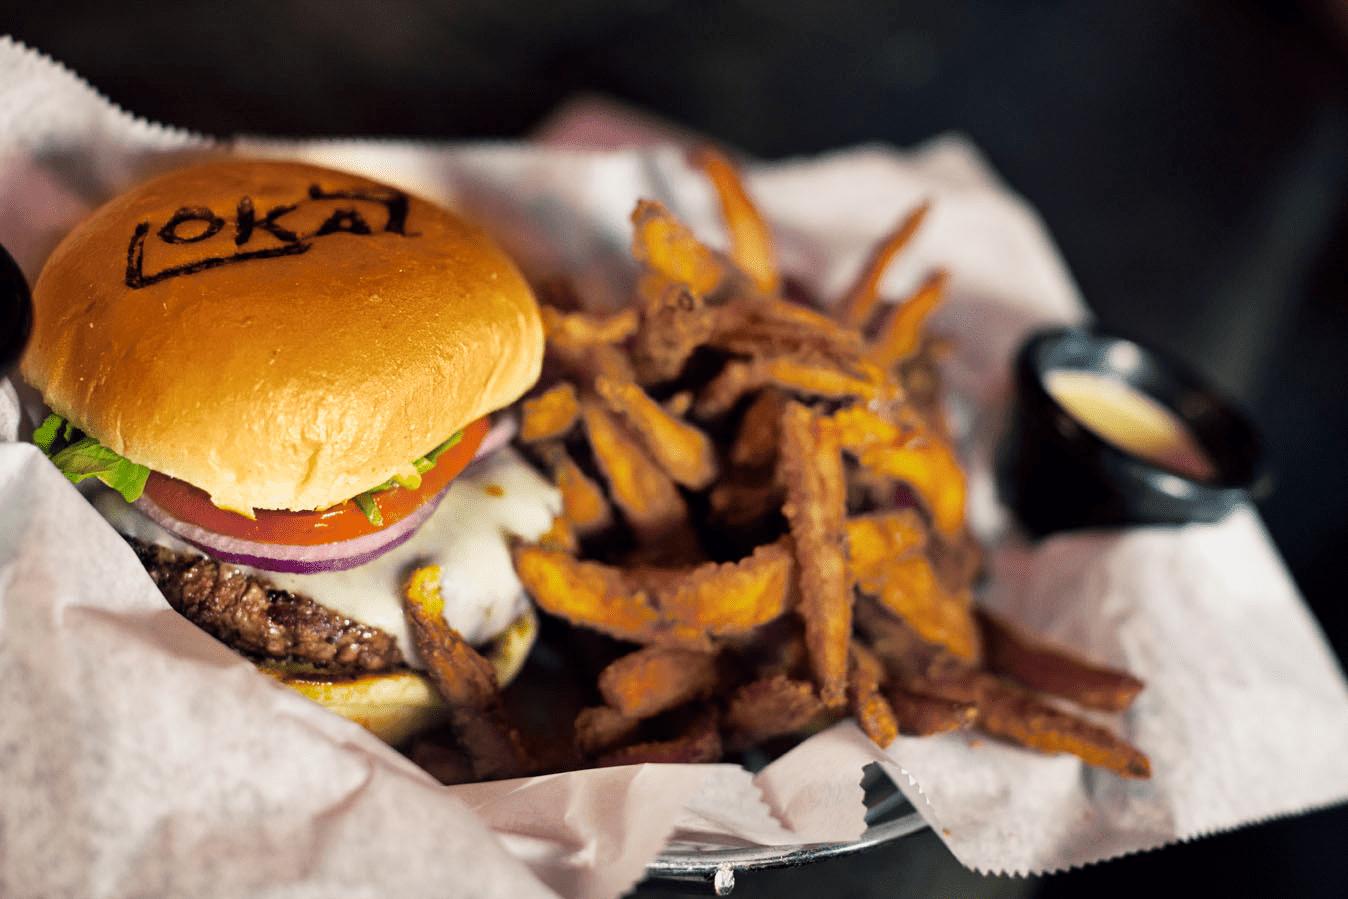 a burger and fries at Lokal